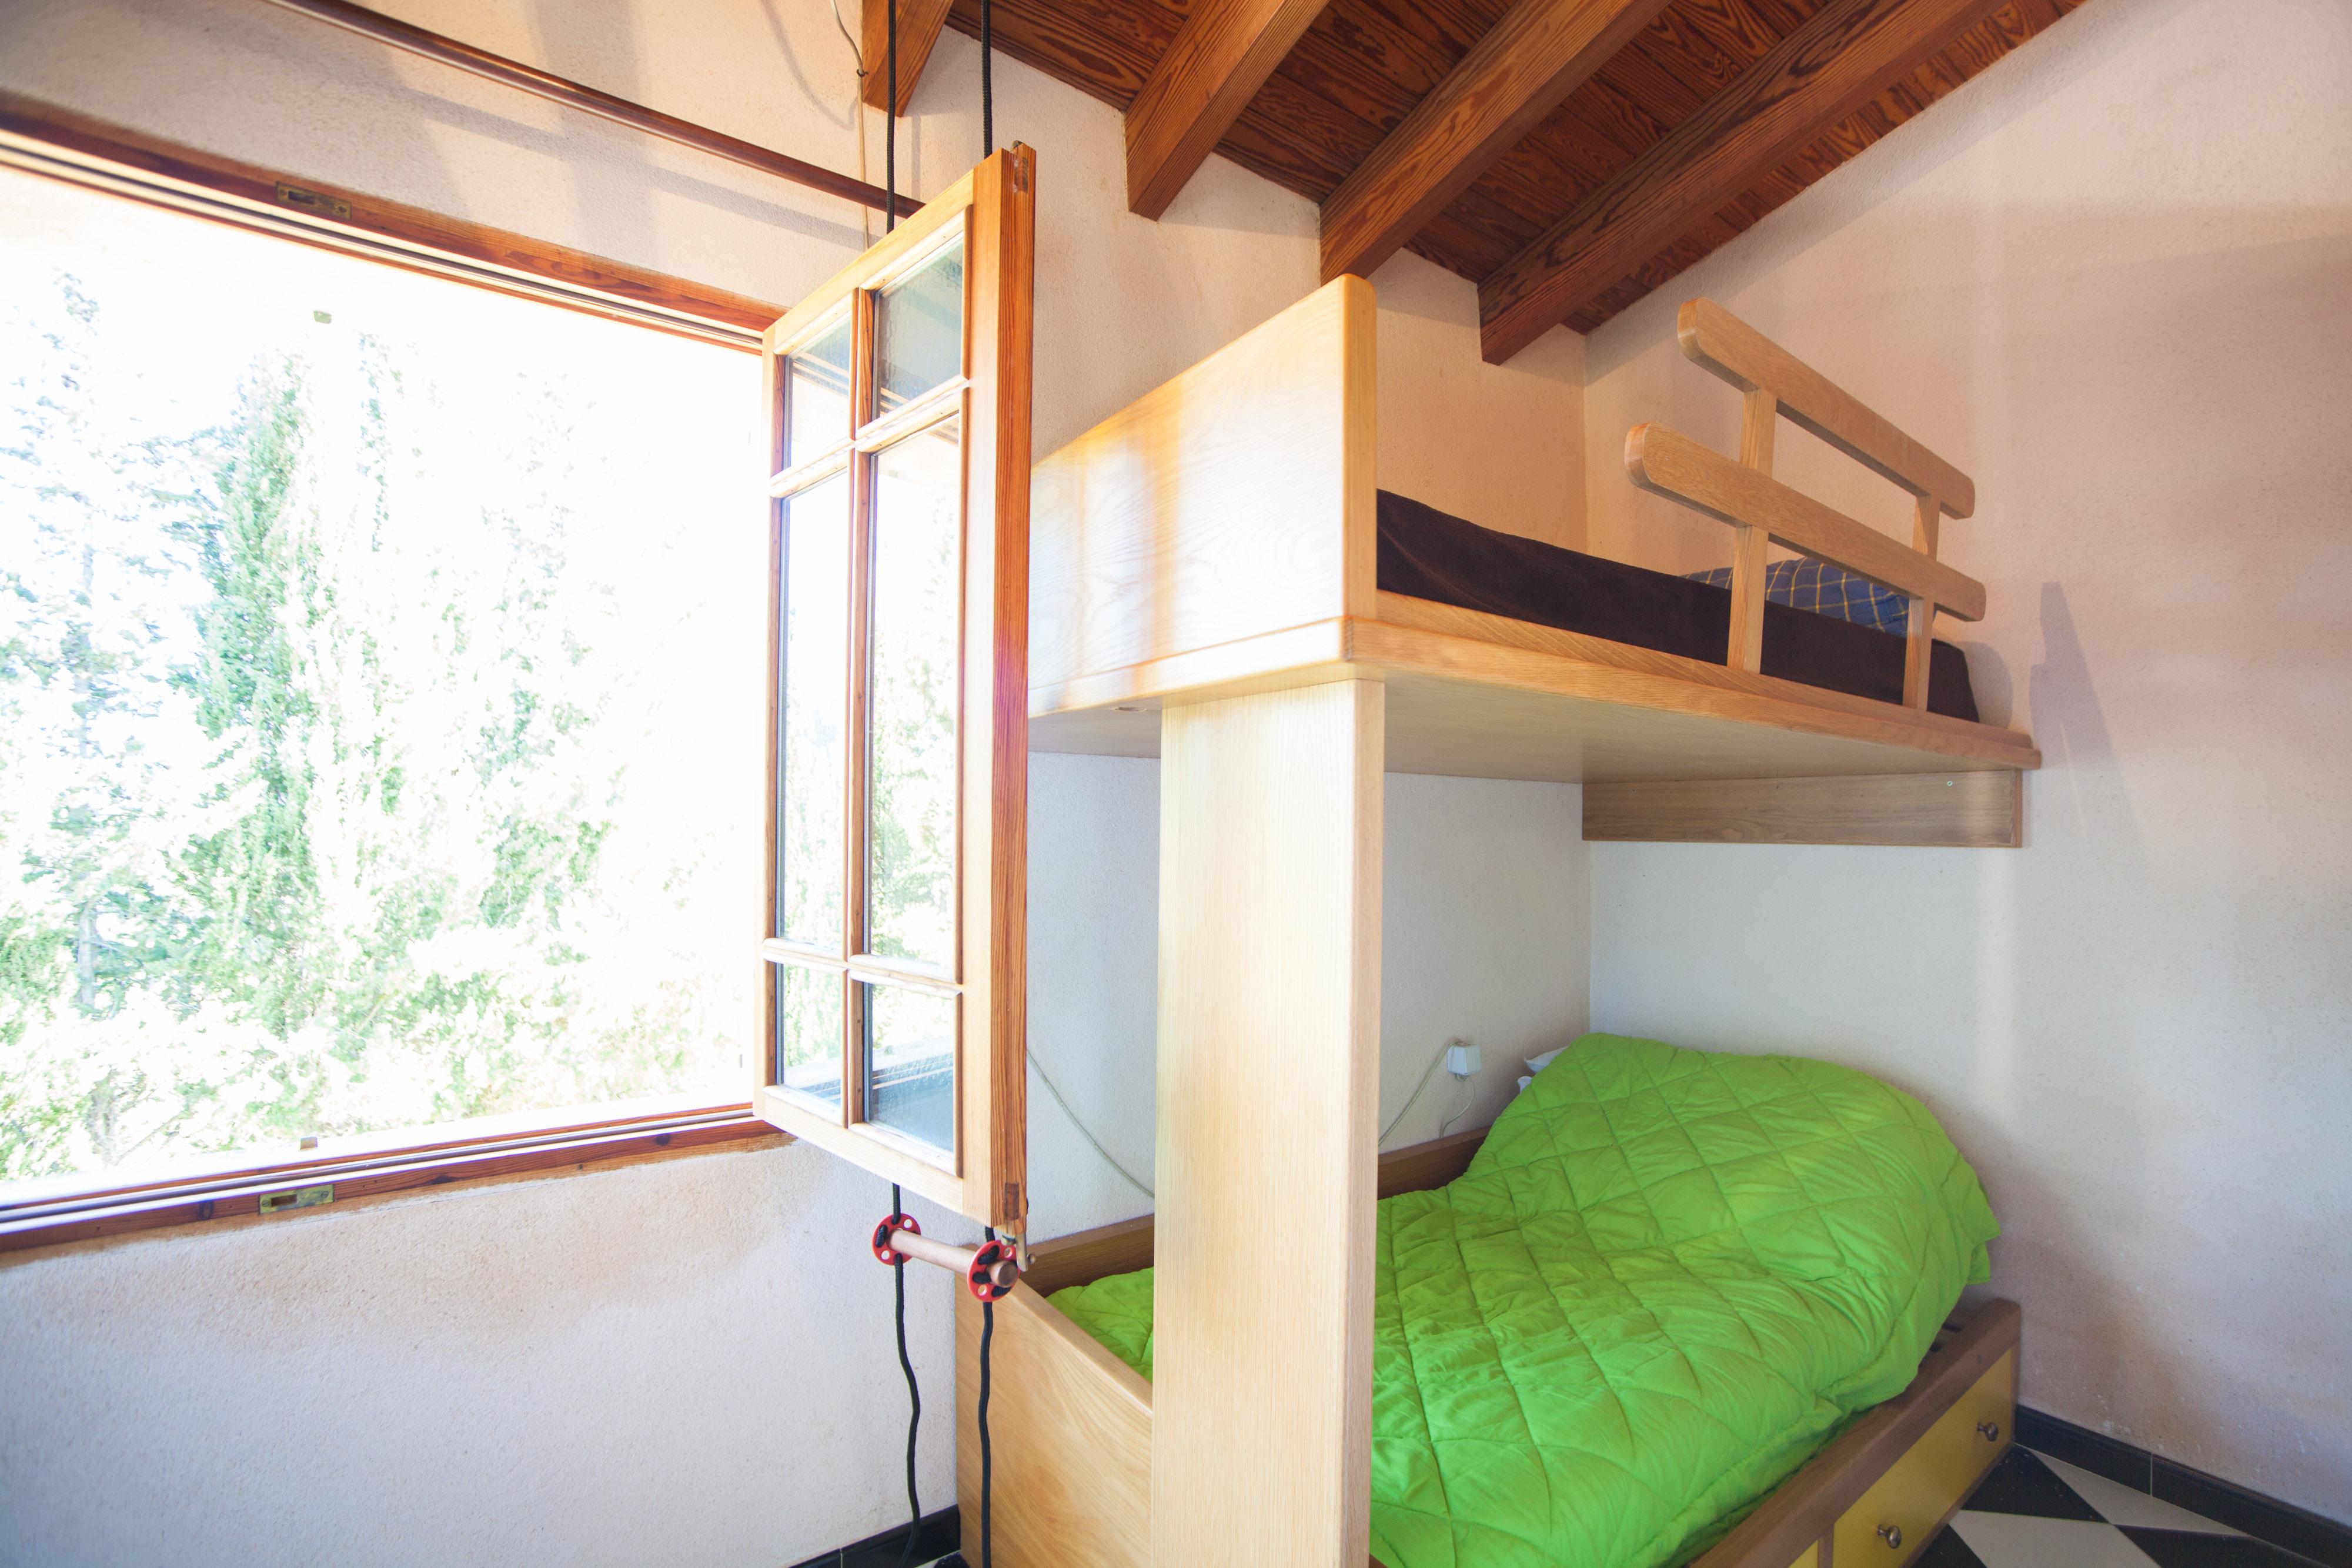 Ferienhaus SOS MONJOS (2177982), Arta, Mallorca, Balearische Inseln, Spanien, Bild 23